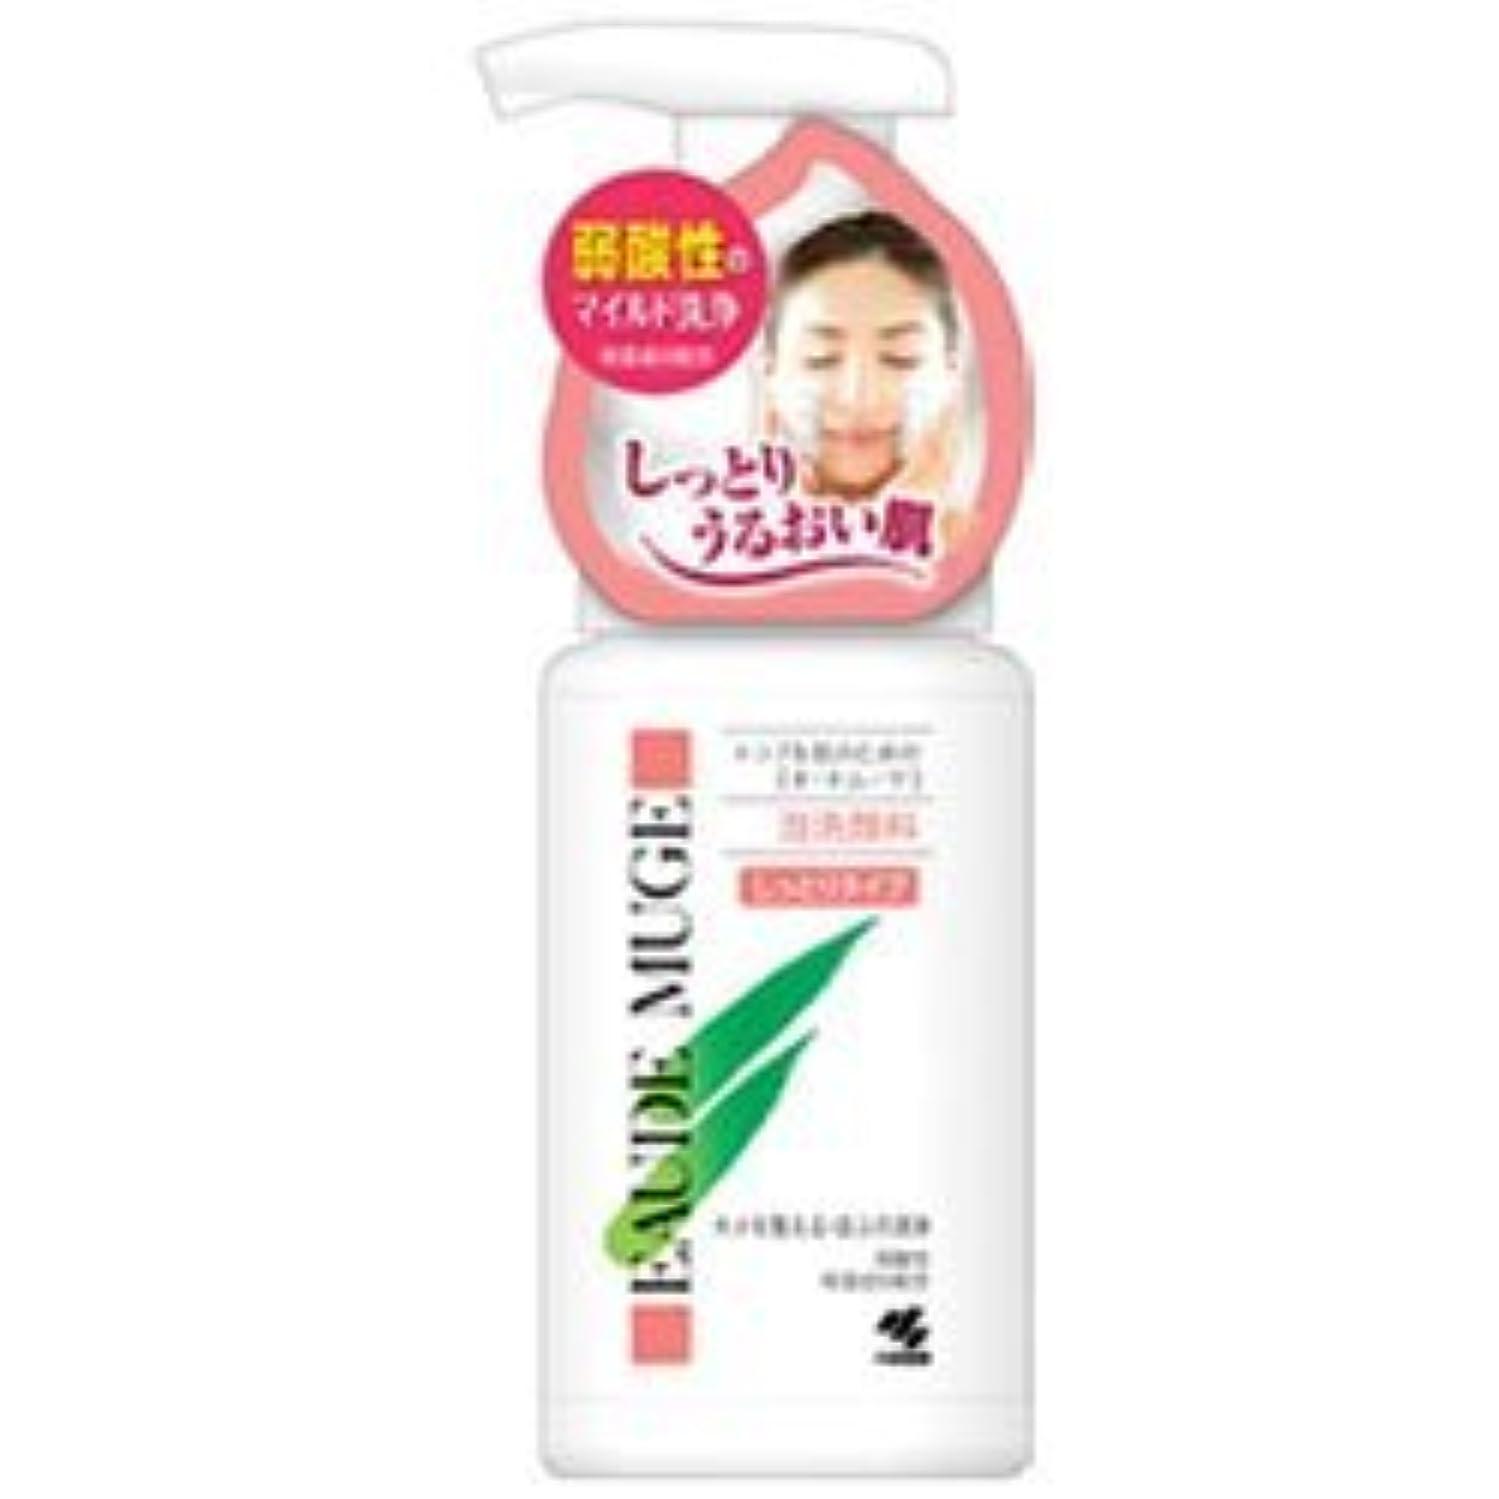 ループシャッフル立場【小林製薬】オードムーゲ 泡洗顔料 しっとりタイプ 150ml